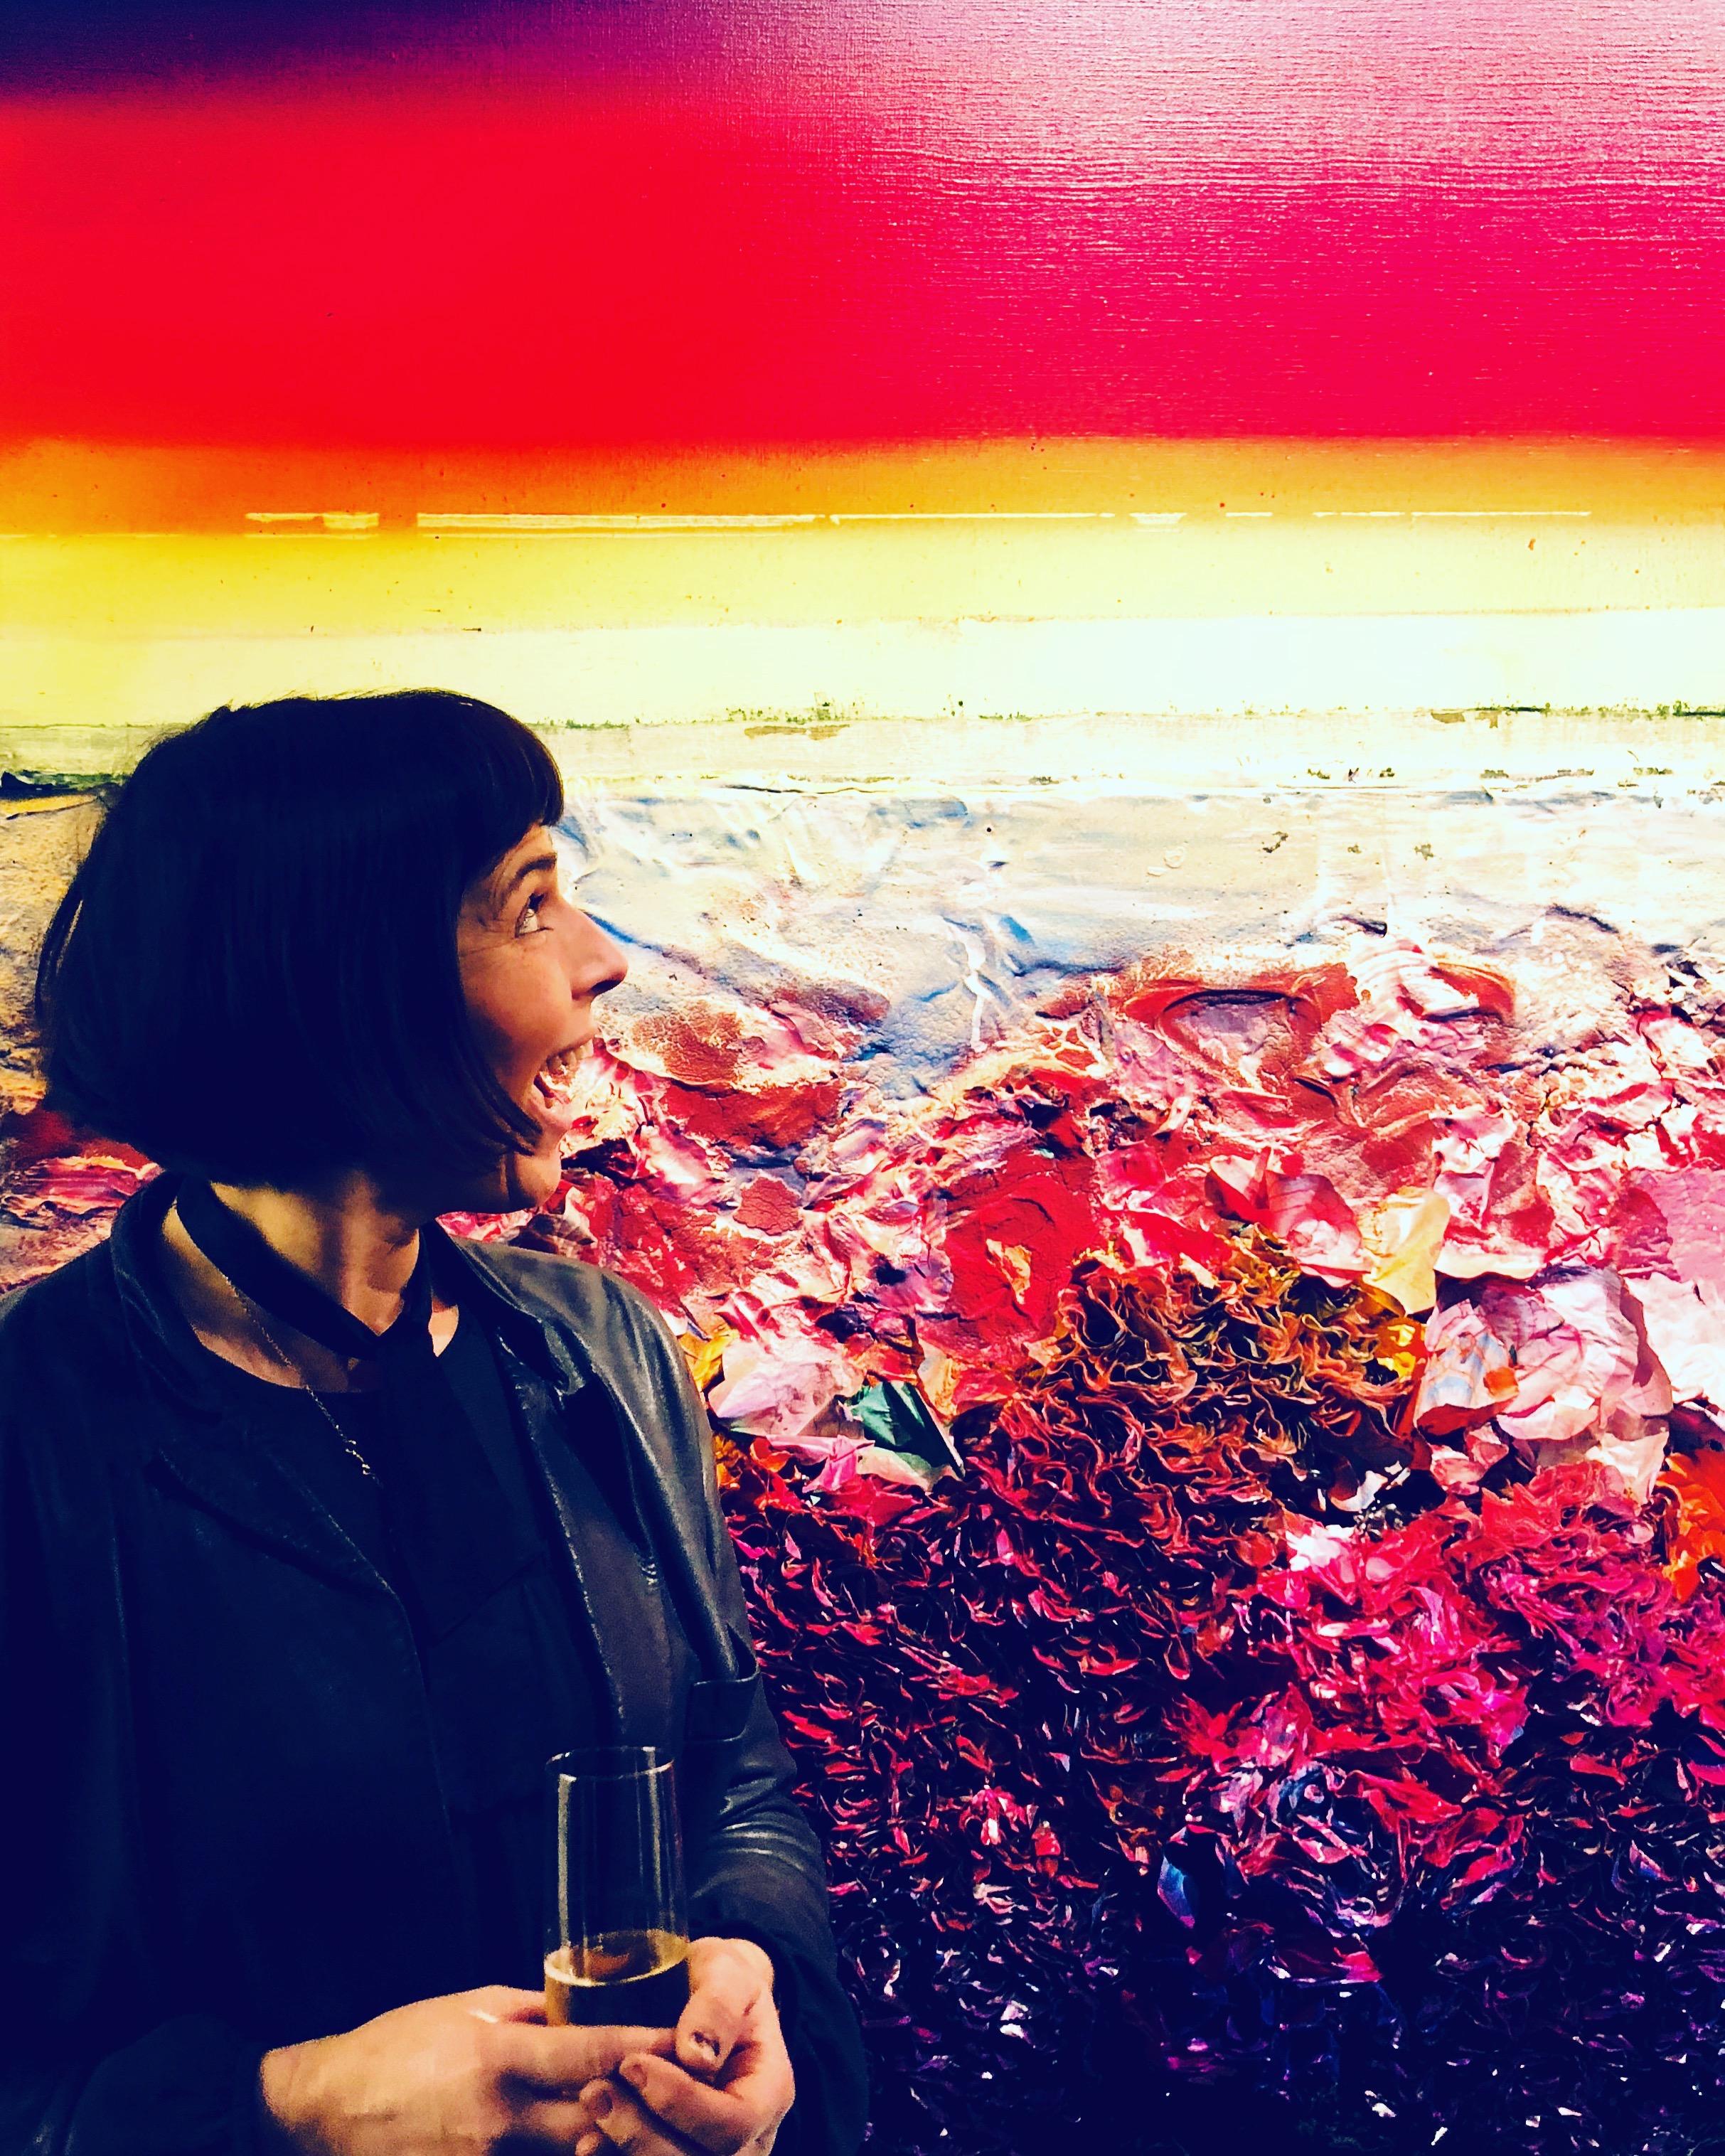 The Zhuang Hong Yi exhibition will make you glow